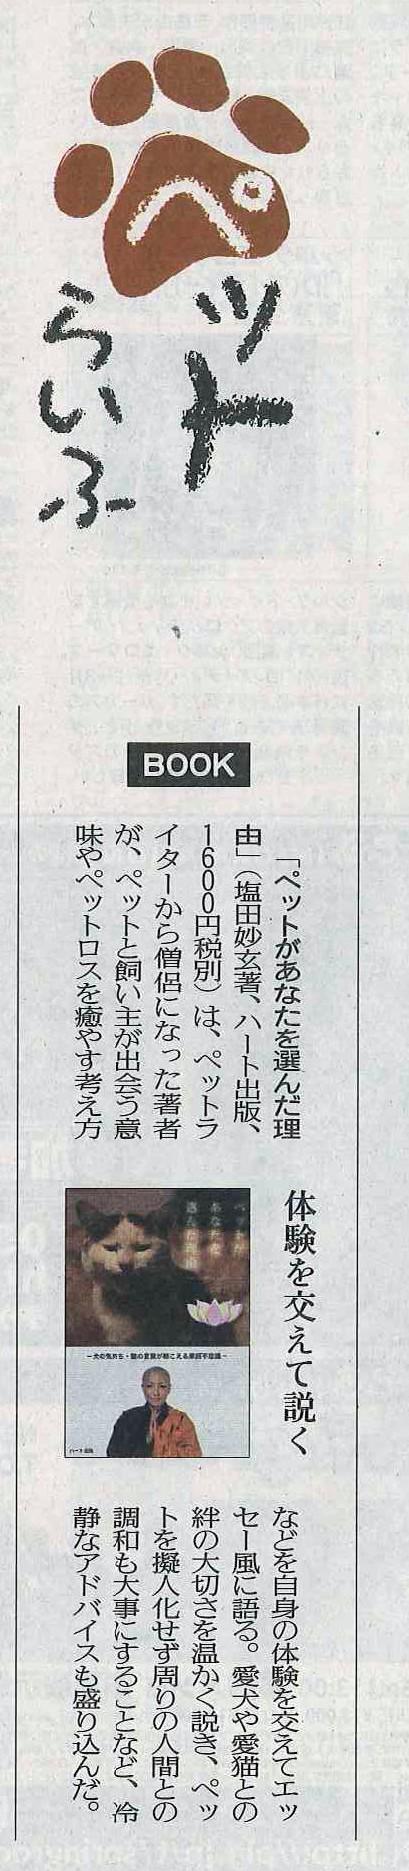 ペットらいふ - 1.jpg